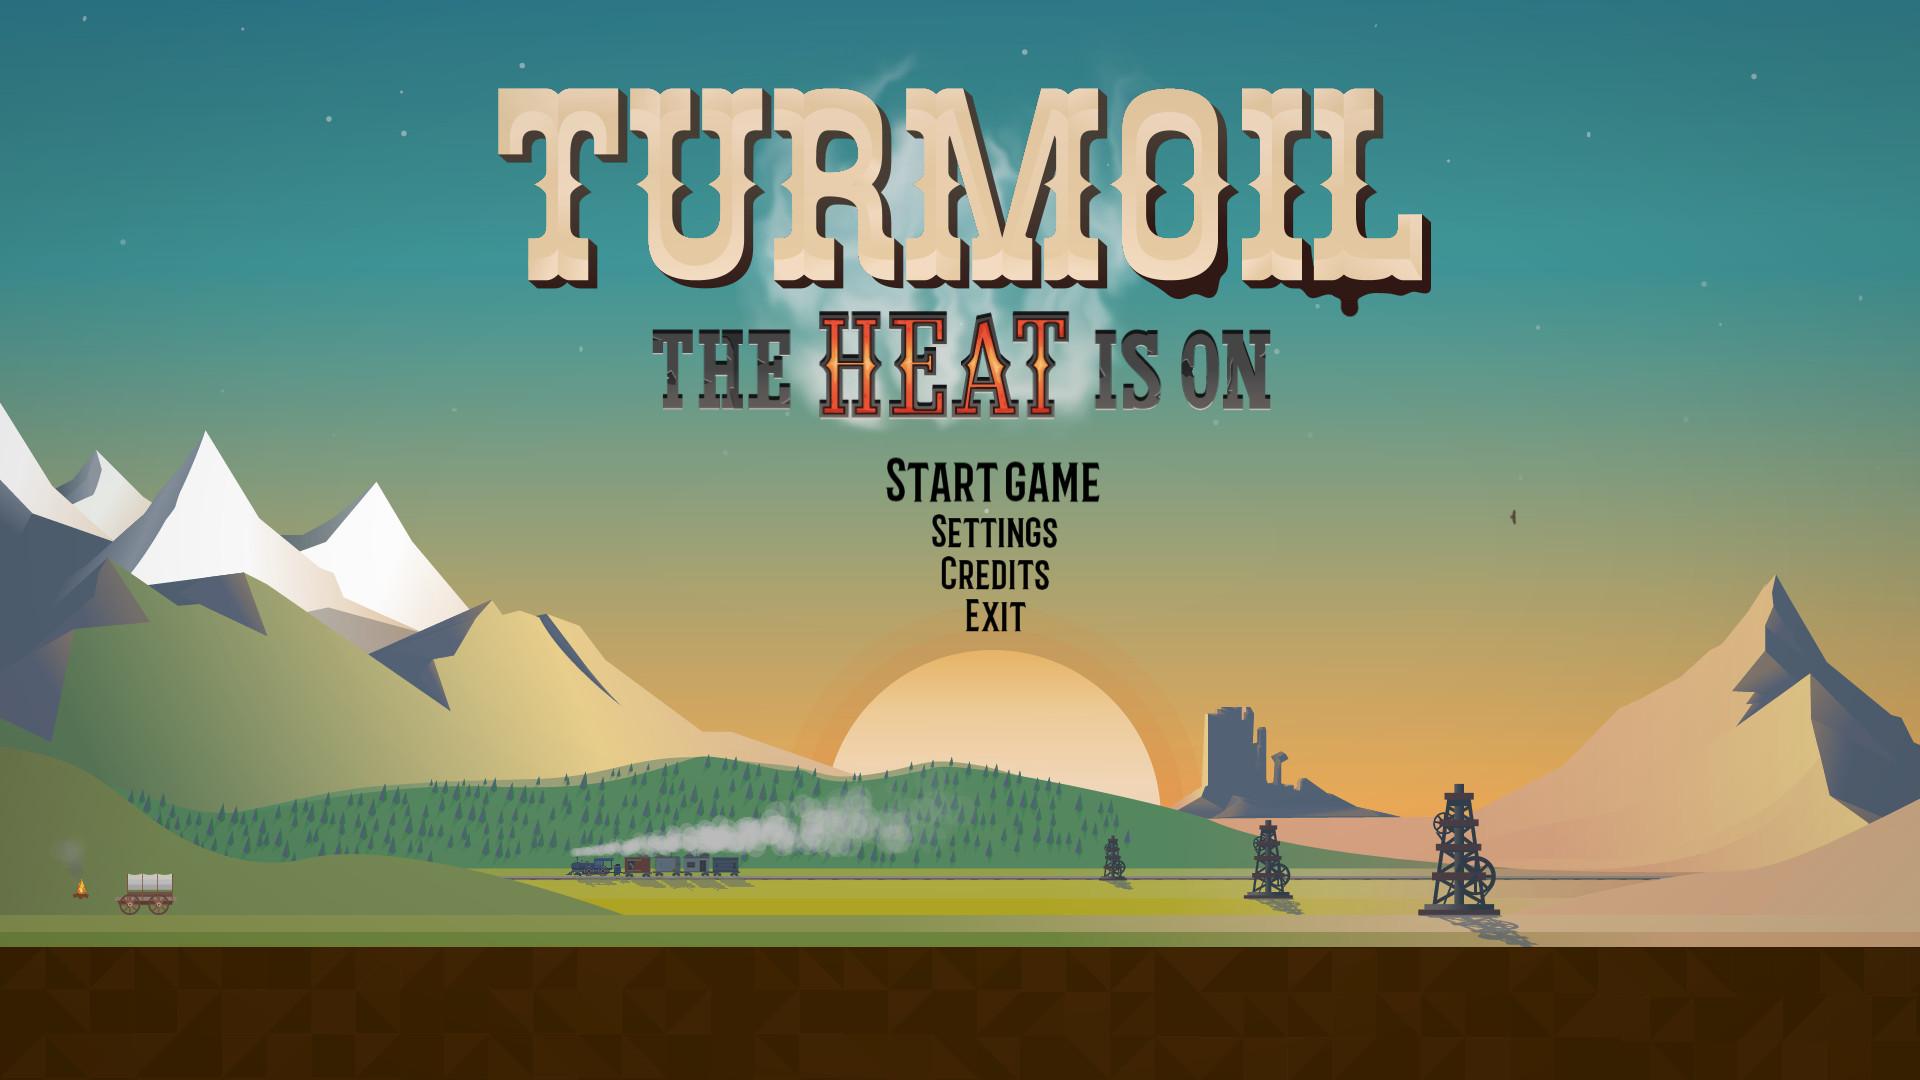 Turmoil - the heat is on for mac